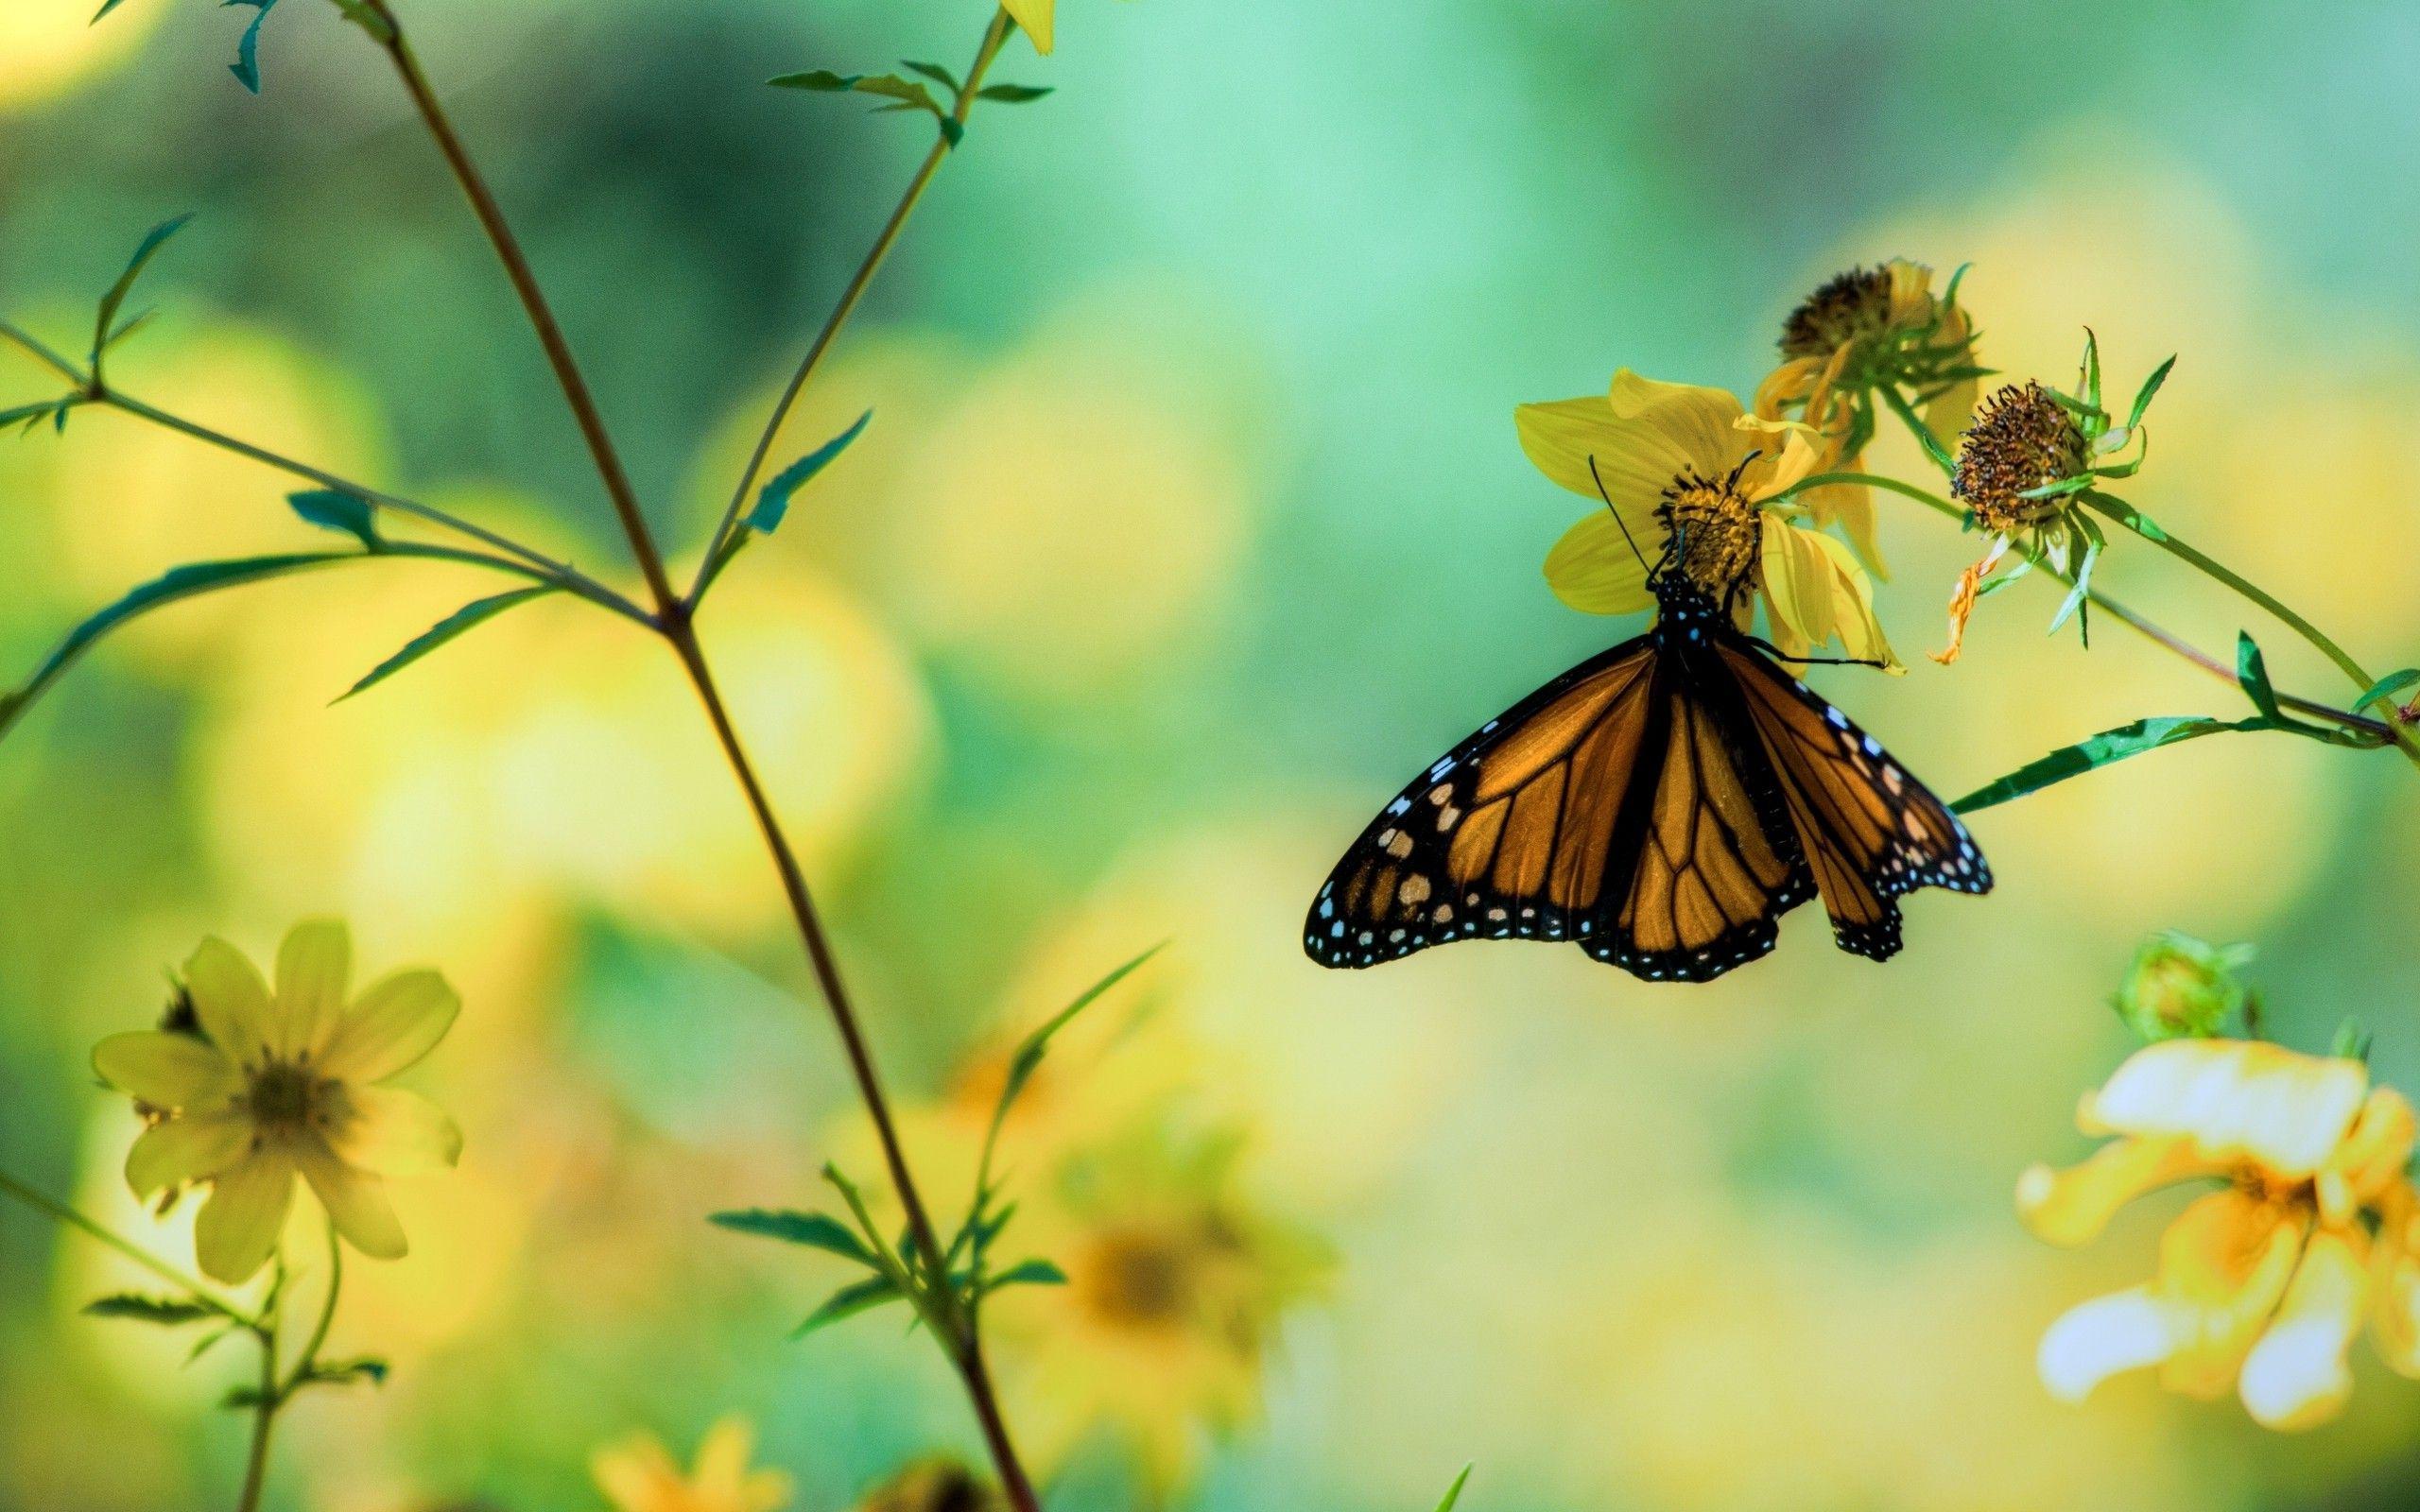 Desktop Wallpaper Full Screen 5 Butterfly Wallpaper Butterfly Pictures Spring Wallpaper Hd